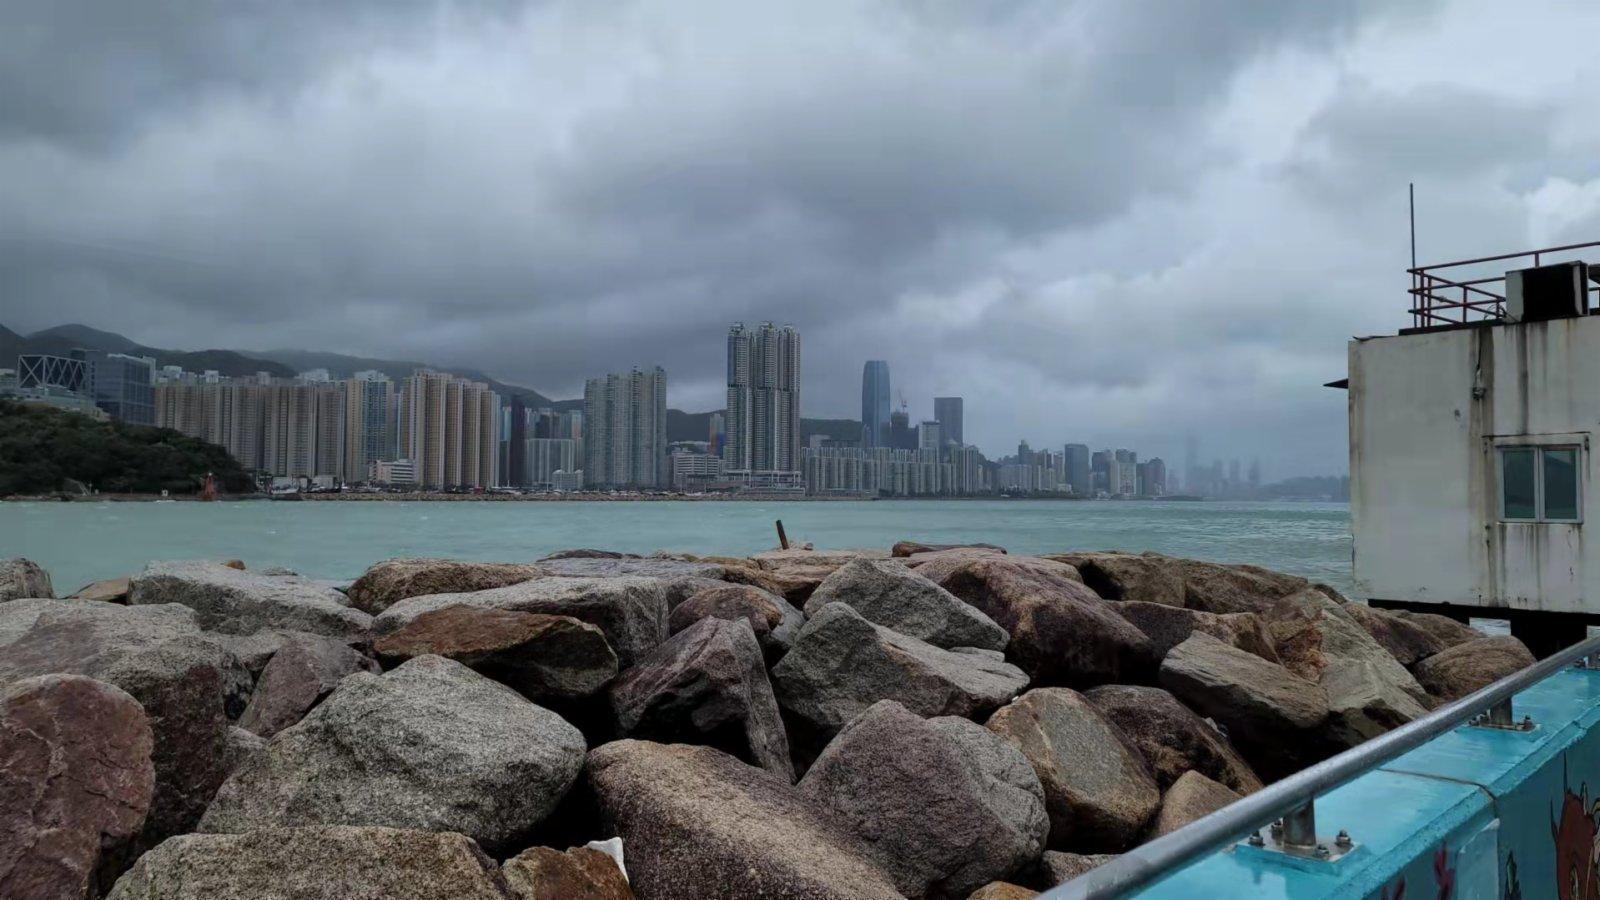 受到颱風「圓規」的影響下,八號烈風或暴風信號會在下午4時前維持。